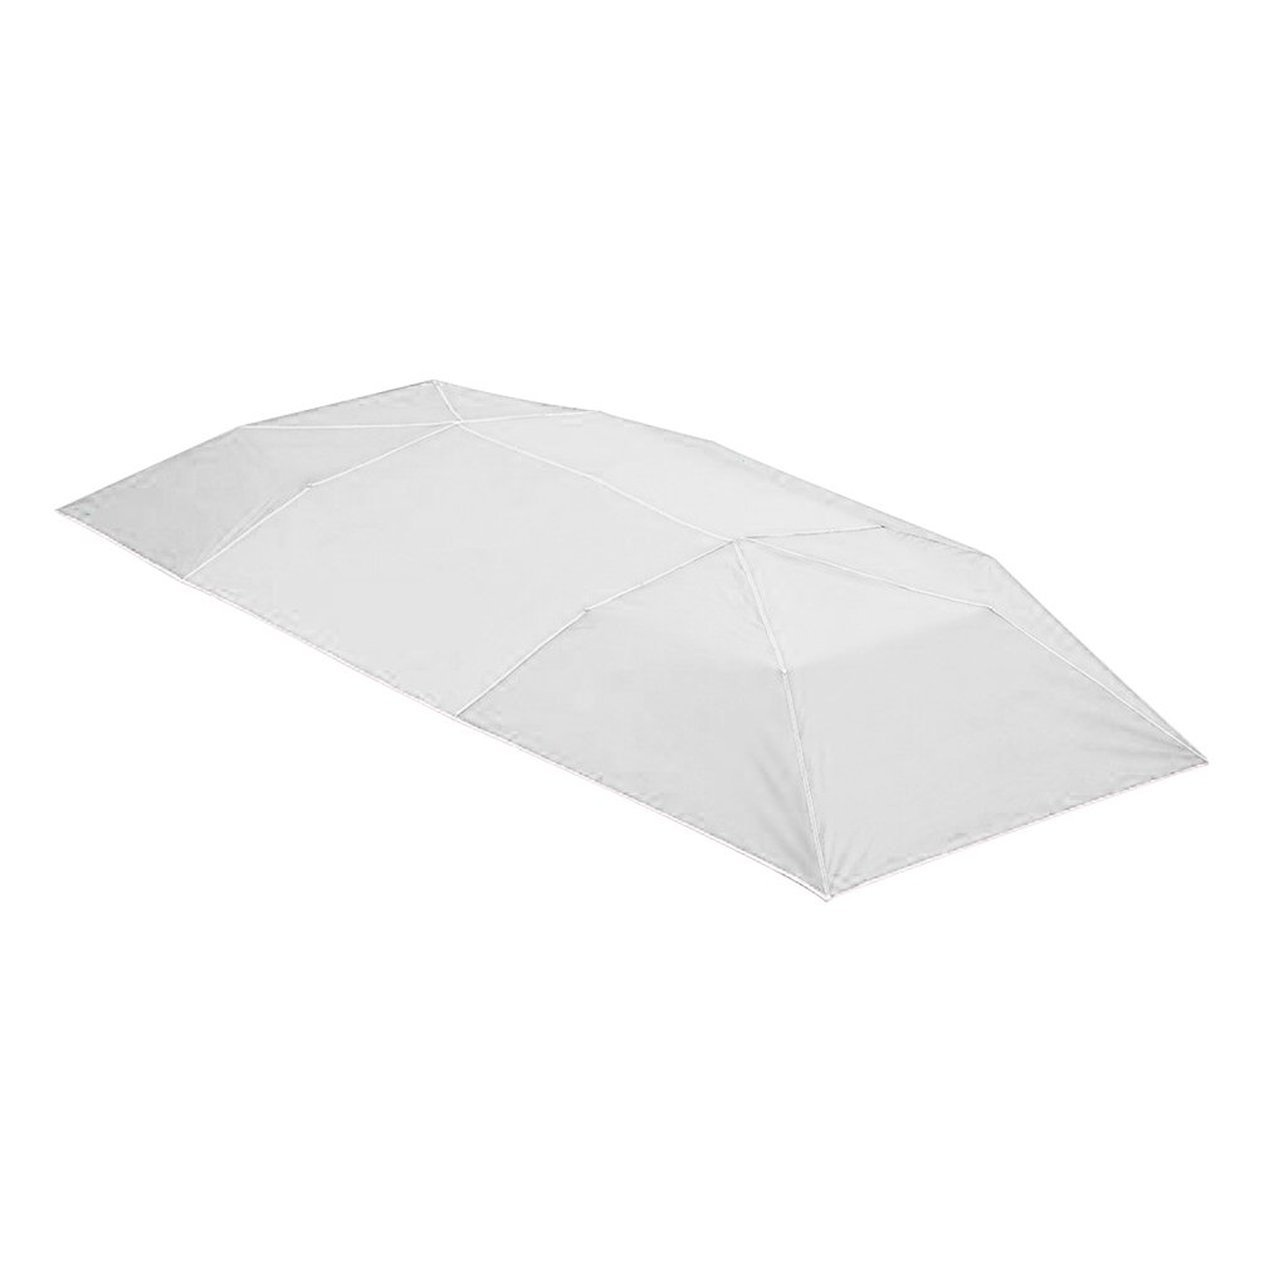 Dooret Auto-Überdachungs-Abdeckung, Snowproof Auto-Regenschirm-Halb Automatische Markise-Zelt-Auto-Abdeckung im Freien Wasserdichter tragbarer Auto-Regenschirm 1